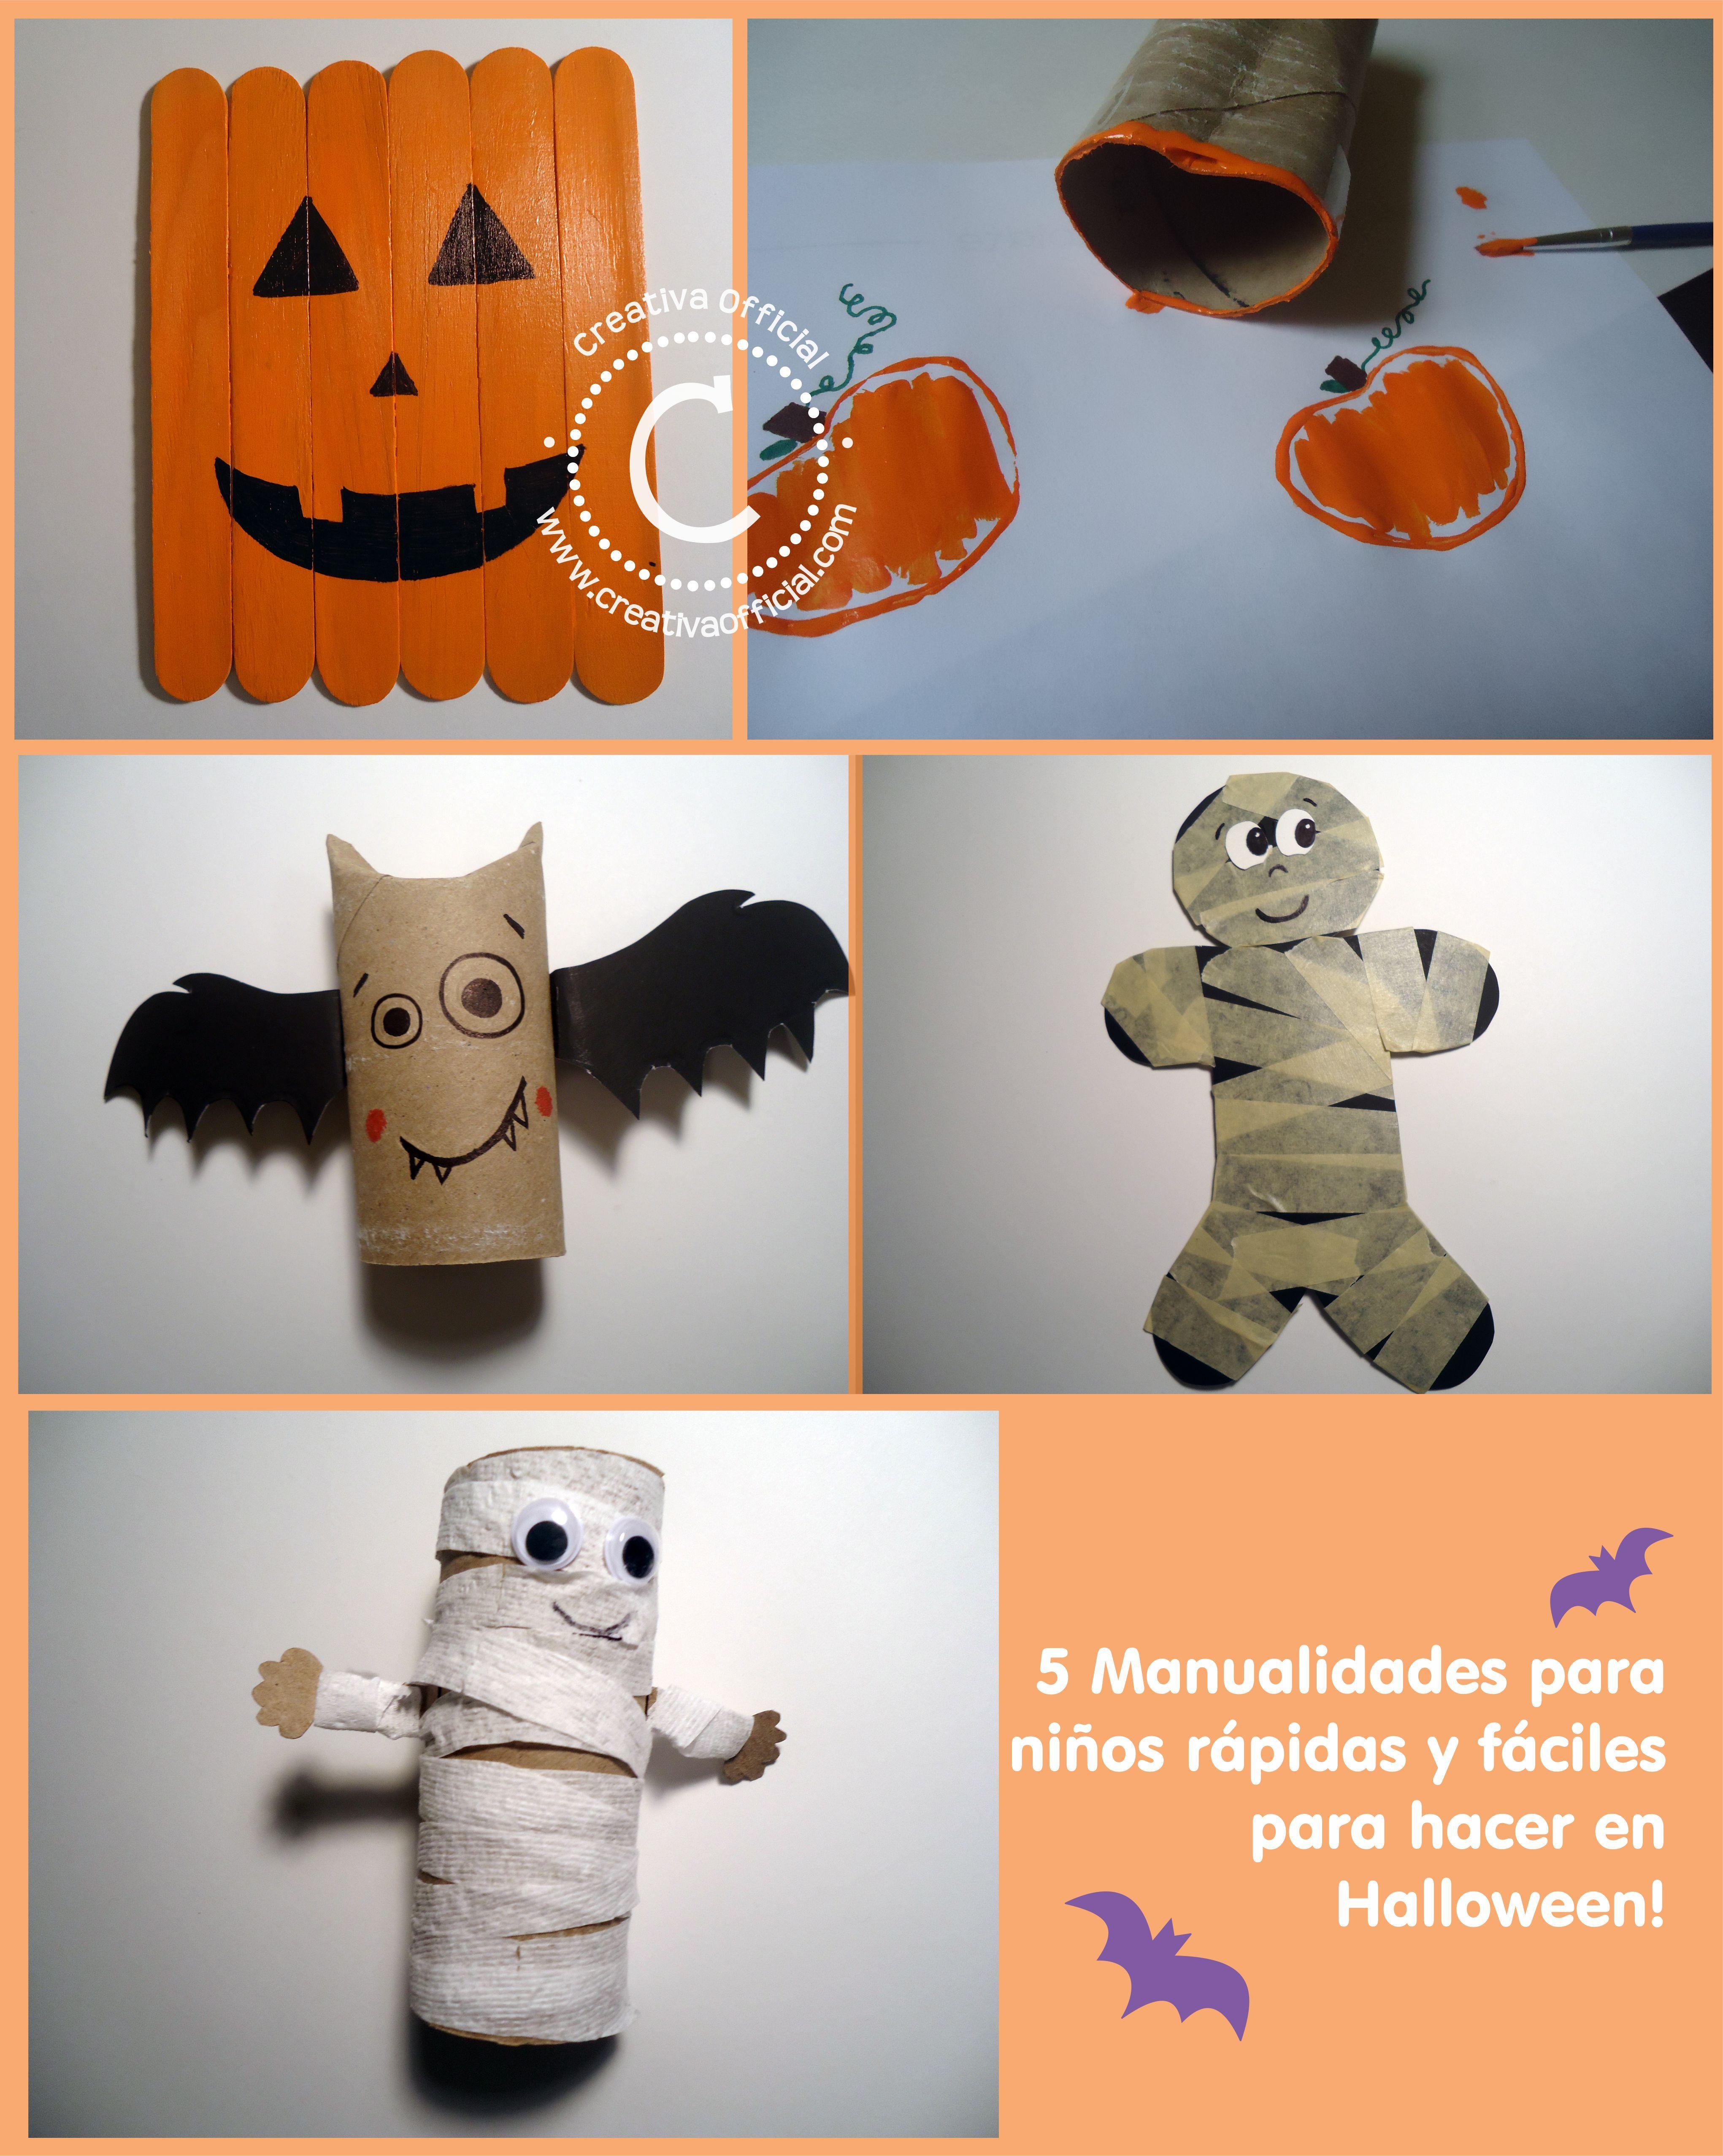 Ideas para halloween manualidades faciles - Manualidades halloween faciles para ninos ...